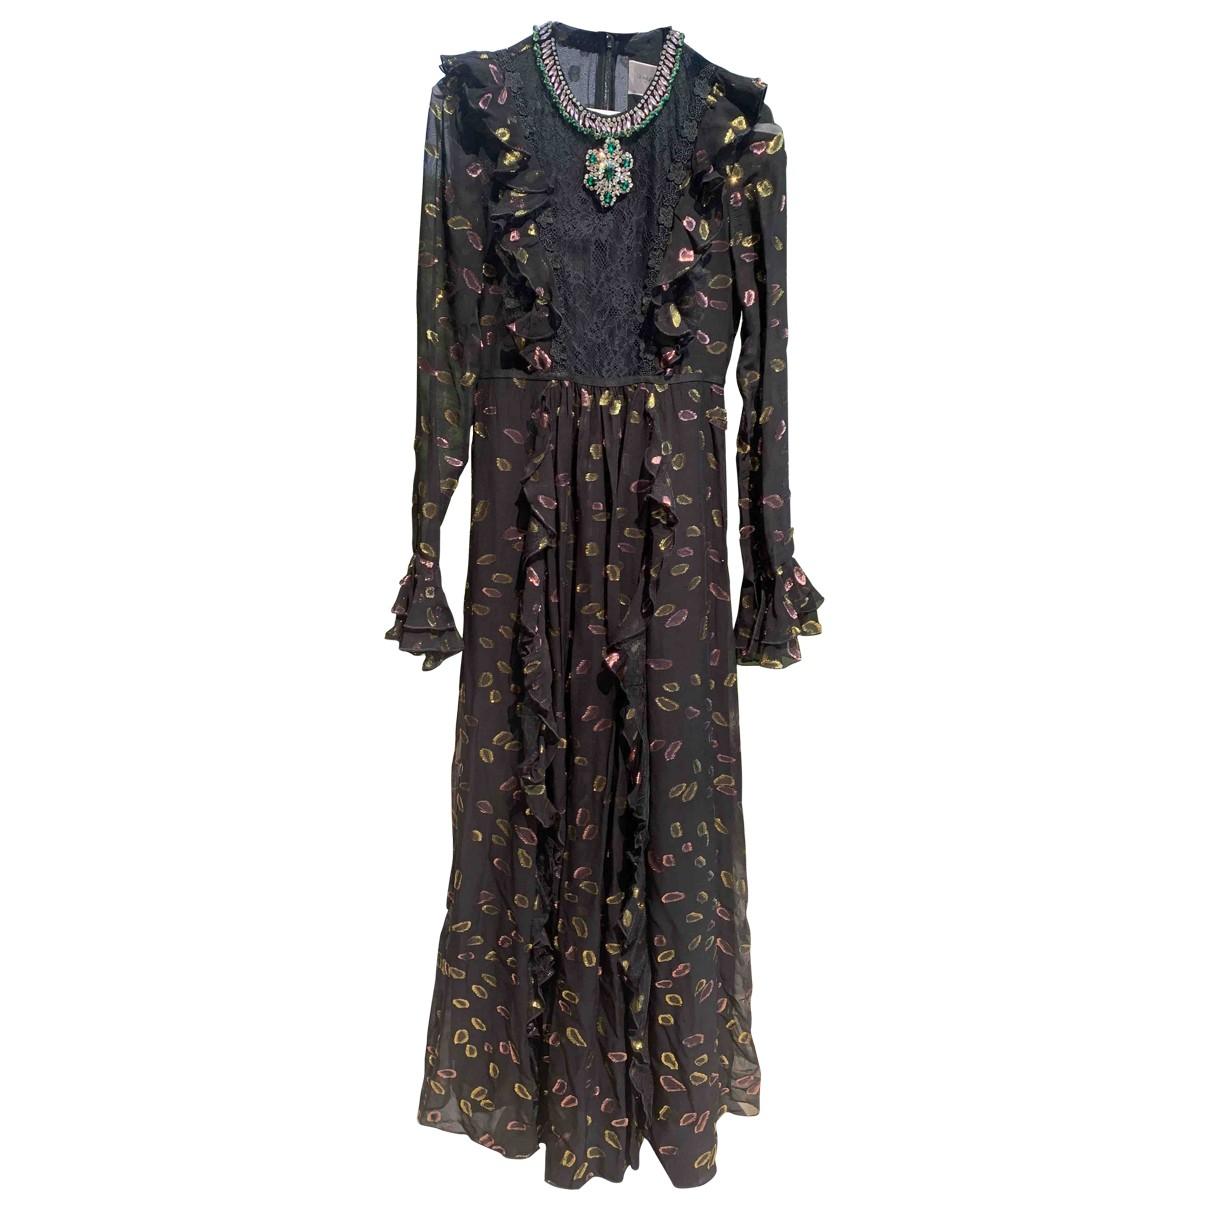 Giambattista Valli X H&m \N Kleid in  Schwarz Polyester